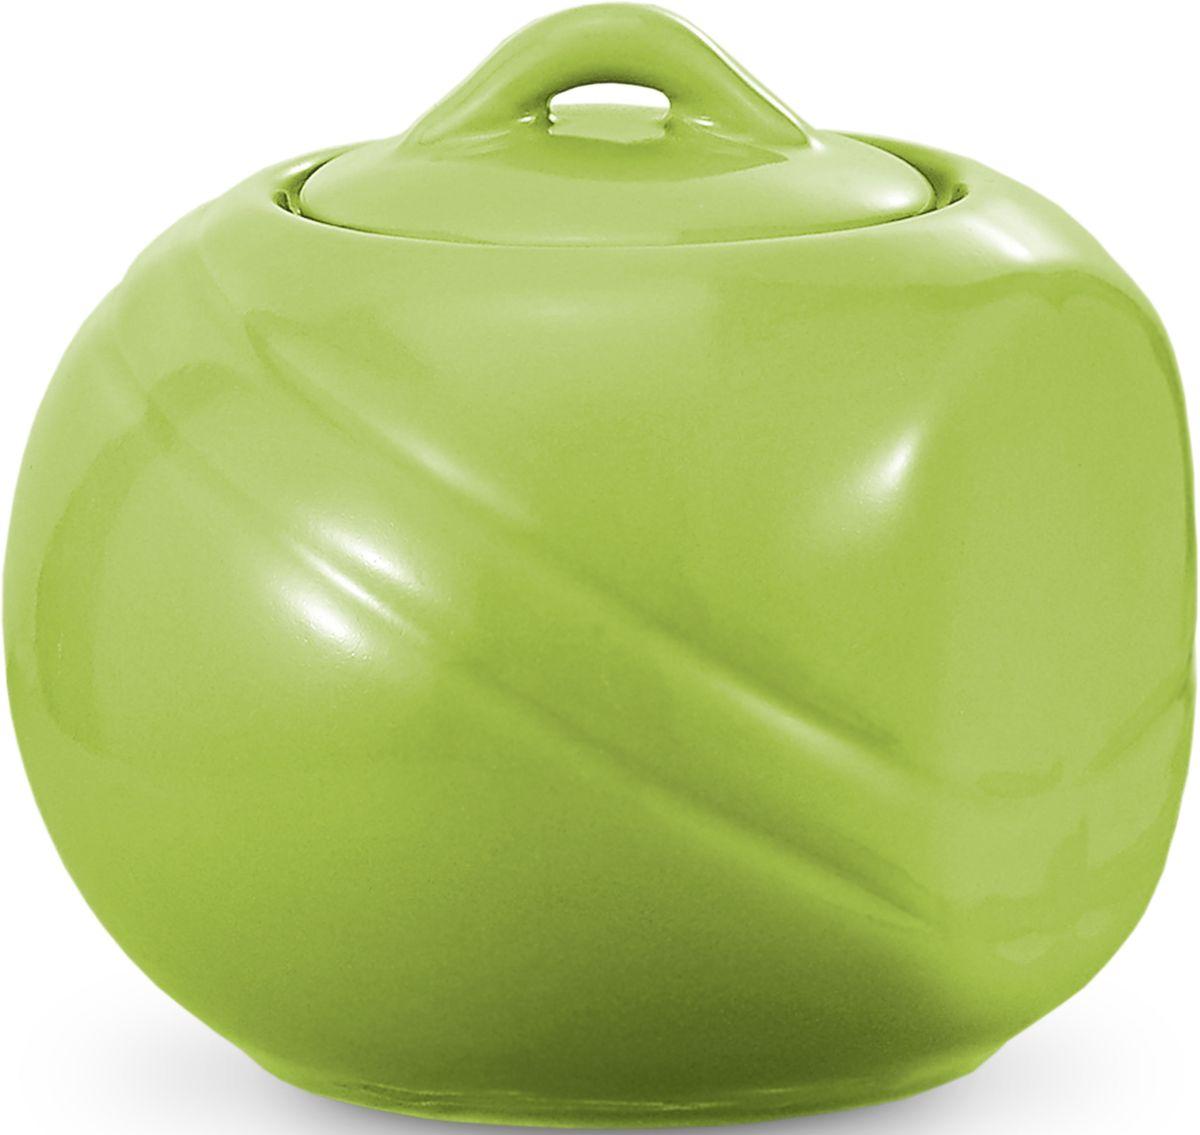 Сахарница Fissman, цвет: зеленый, 350 мл. 9303SB-9303.350